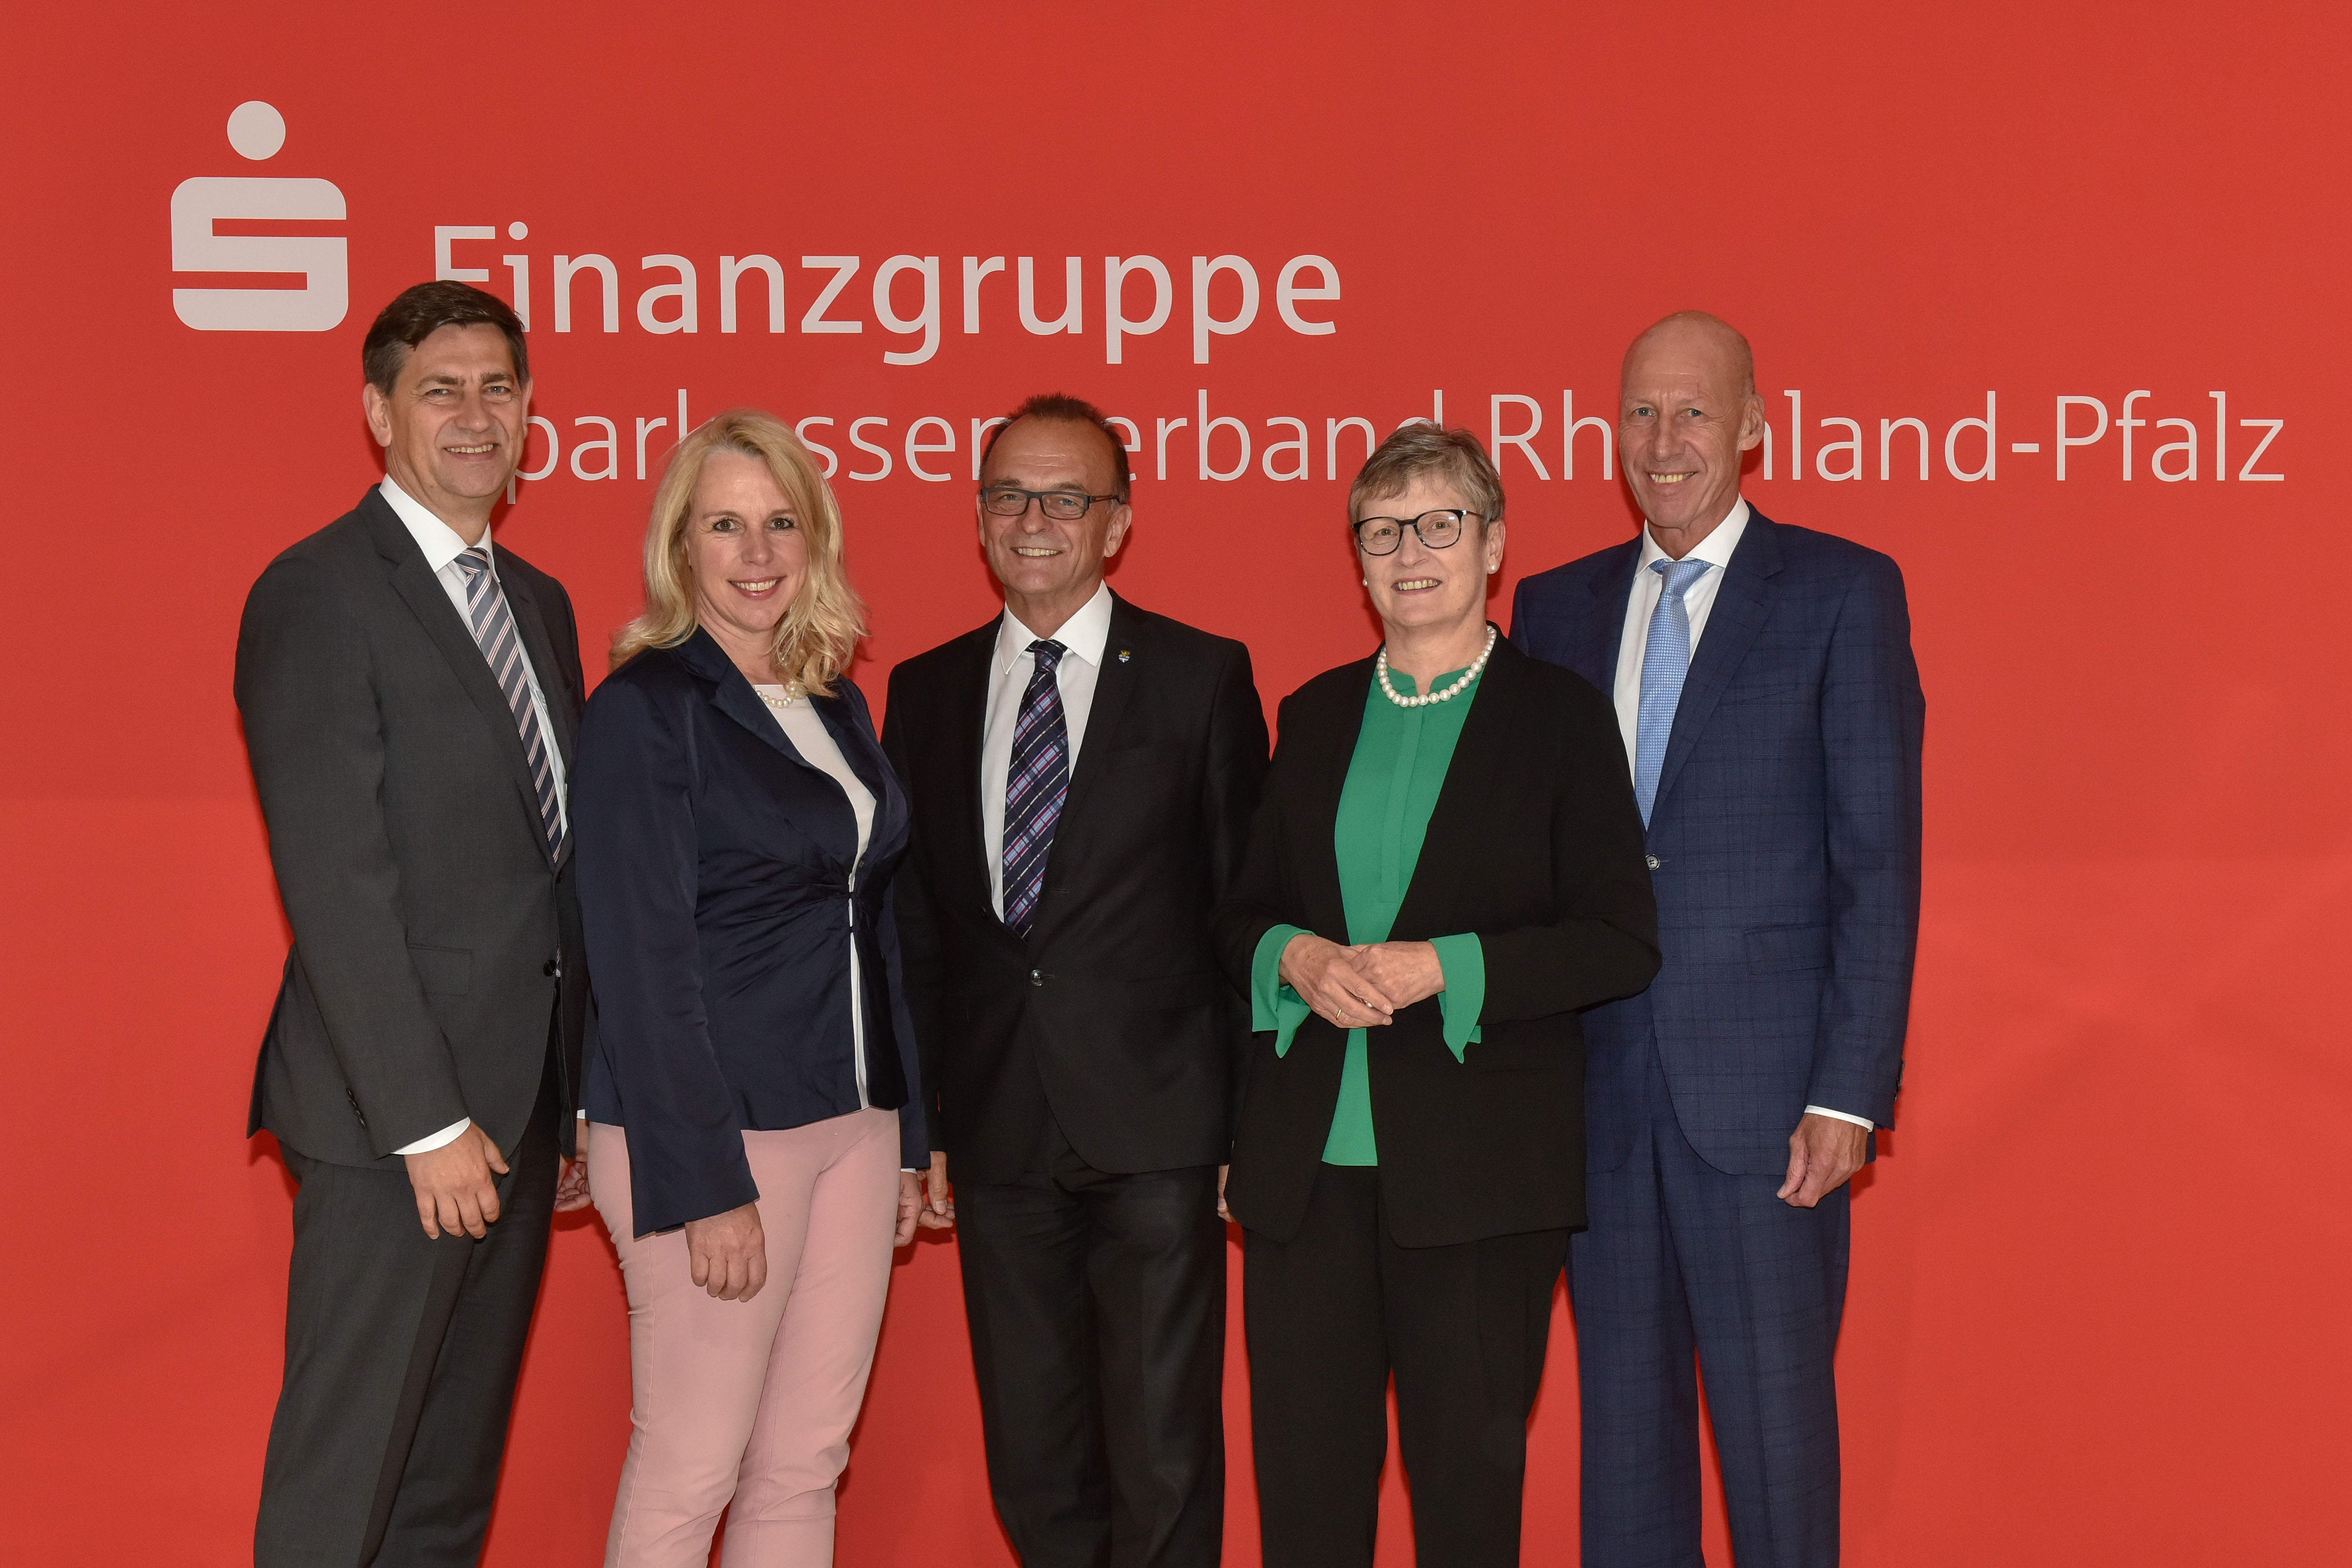 Verbandsvorsitz des Sparkassenverbandes Rheinland-Pfalz